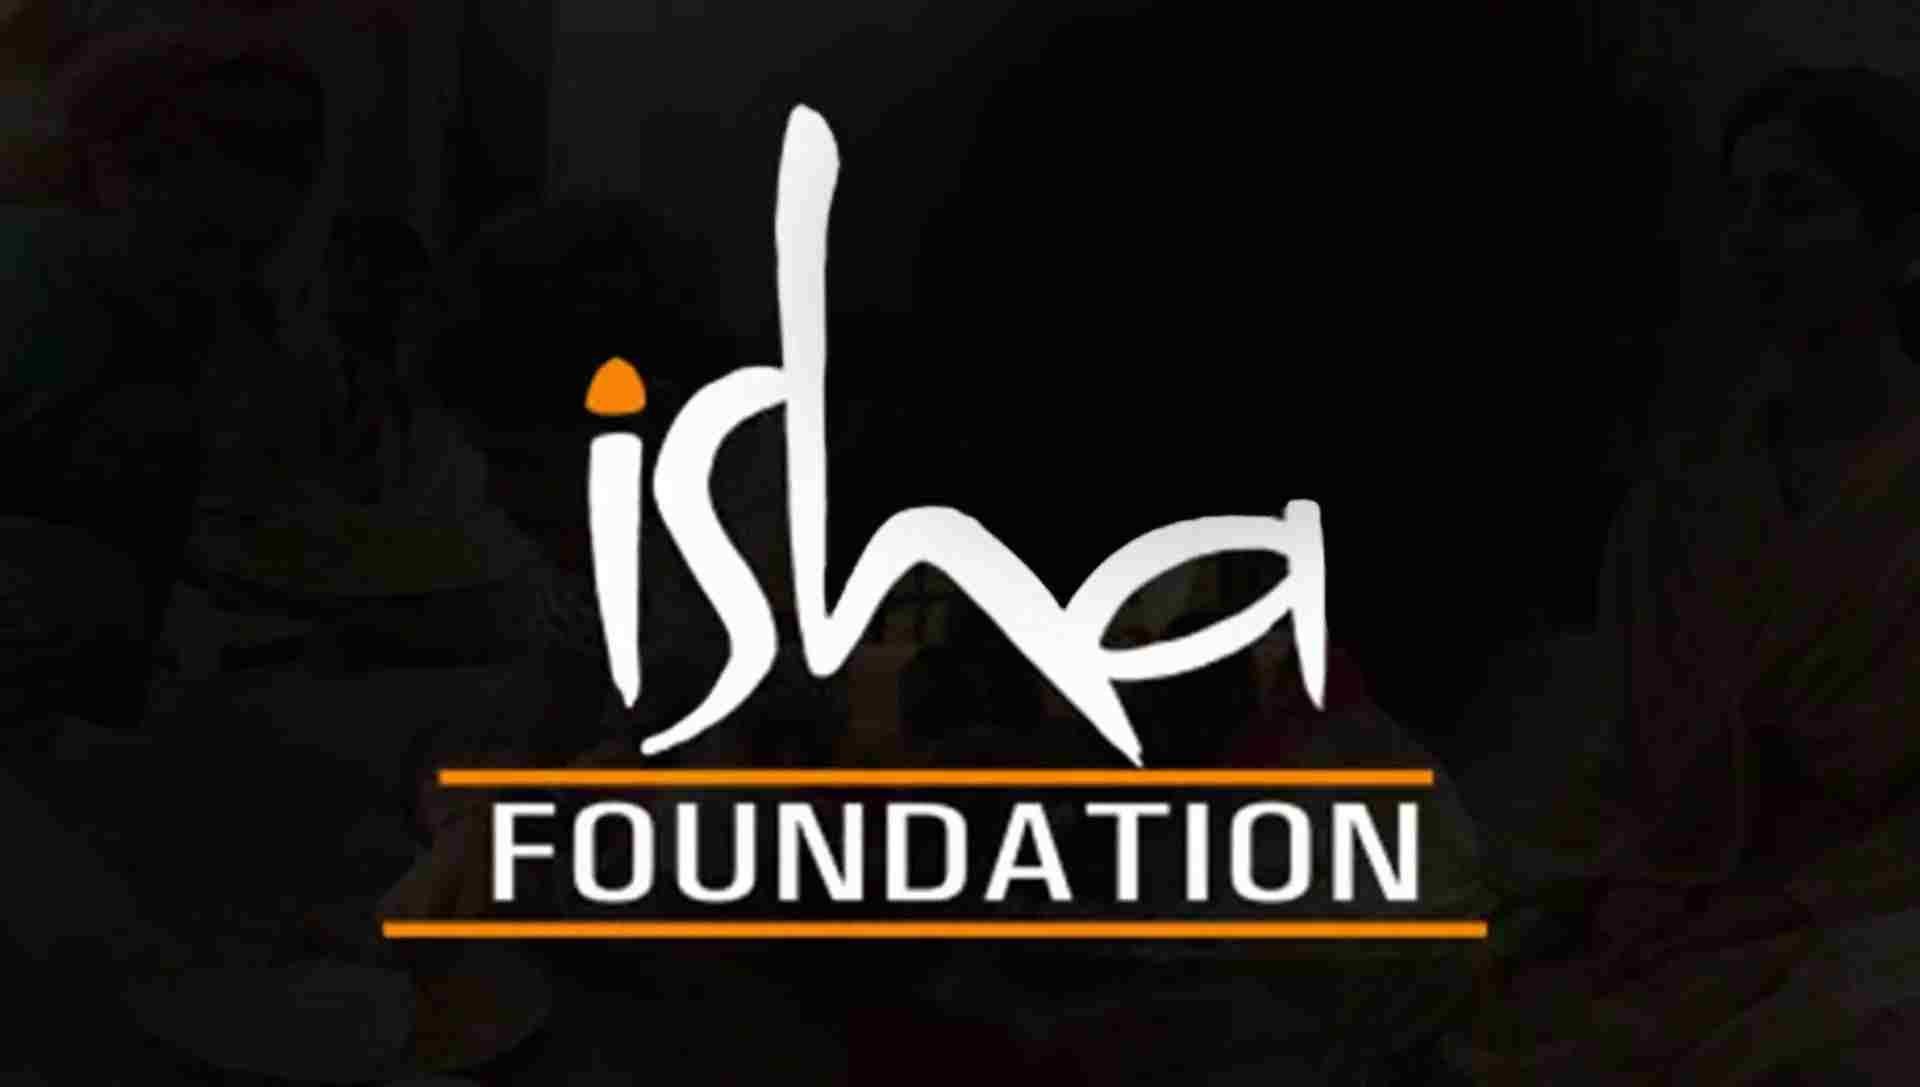 जग्गी वासुदेव ईशा फाउंडेशन को कावेरी कॉलिंग प्रोजेक्ट के लिए जनता से पैसा लेने से रोका जाए ,कर्नाटक हाईकोर्ट में जनहित याचिका